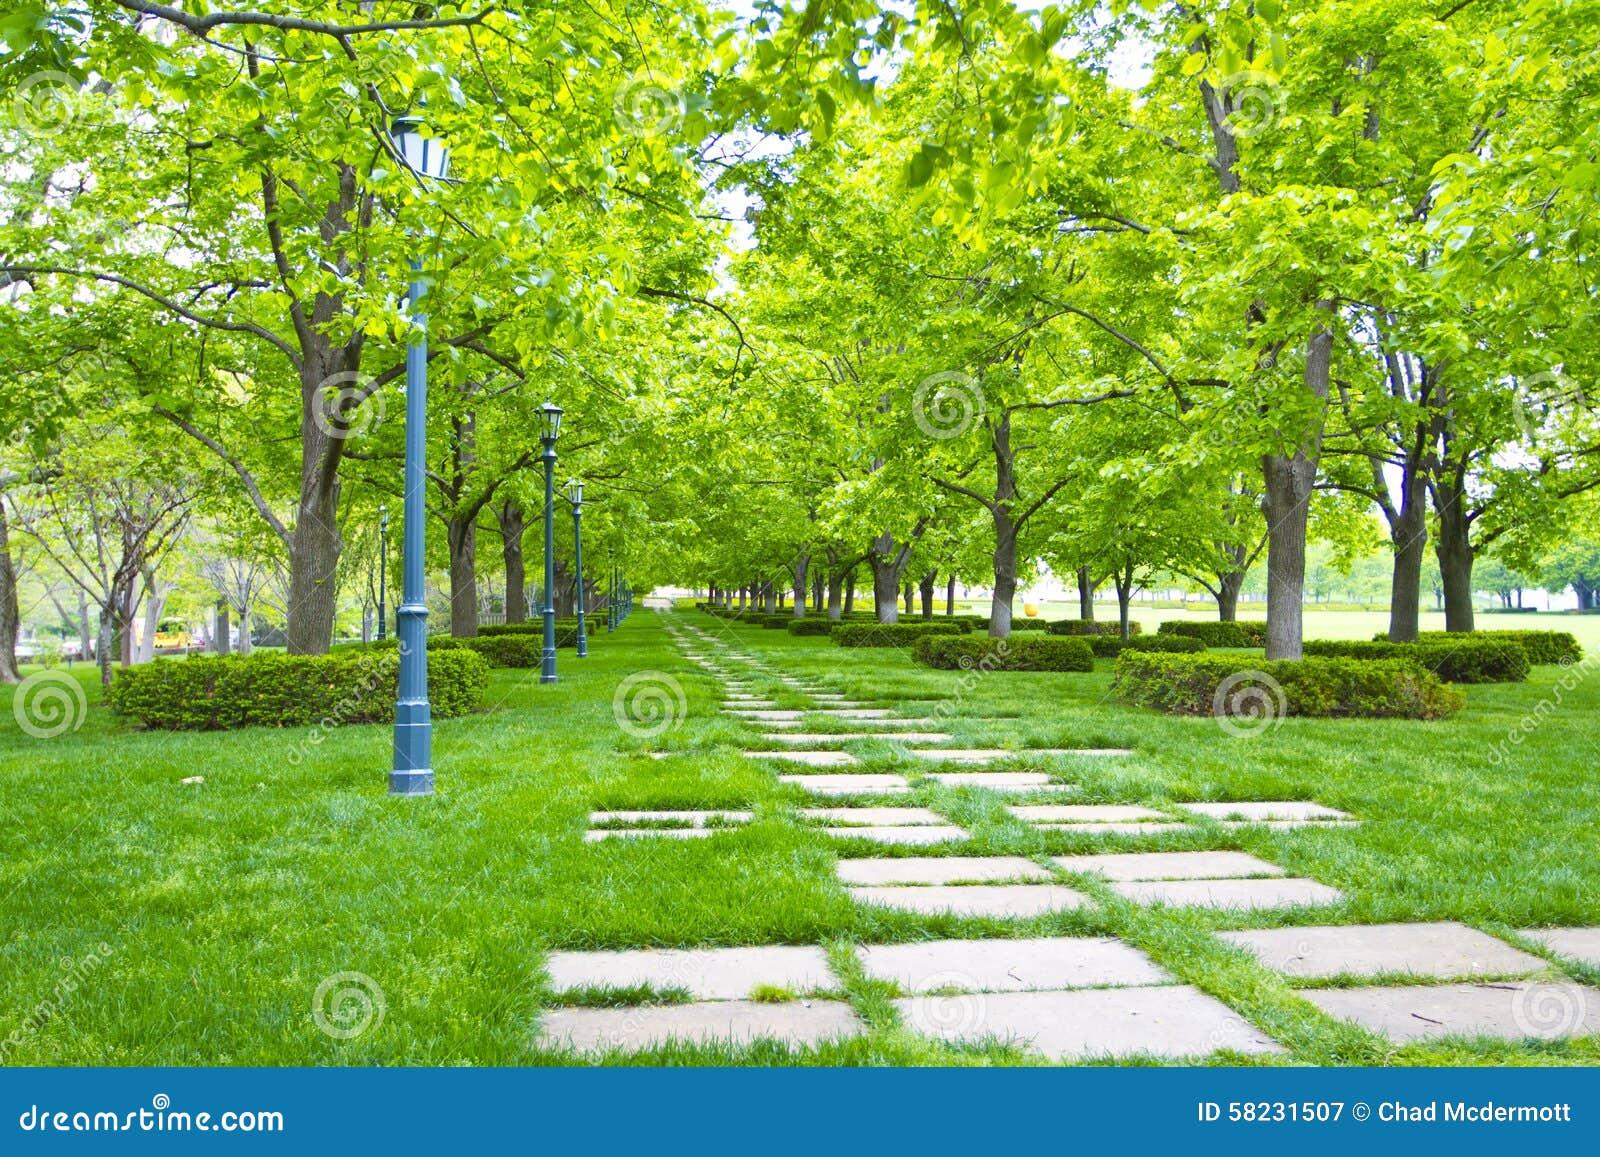 Walk in clinics garden city kansas garden ftempo for Directions to garden city kansas